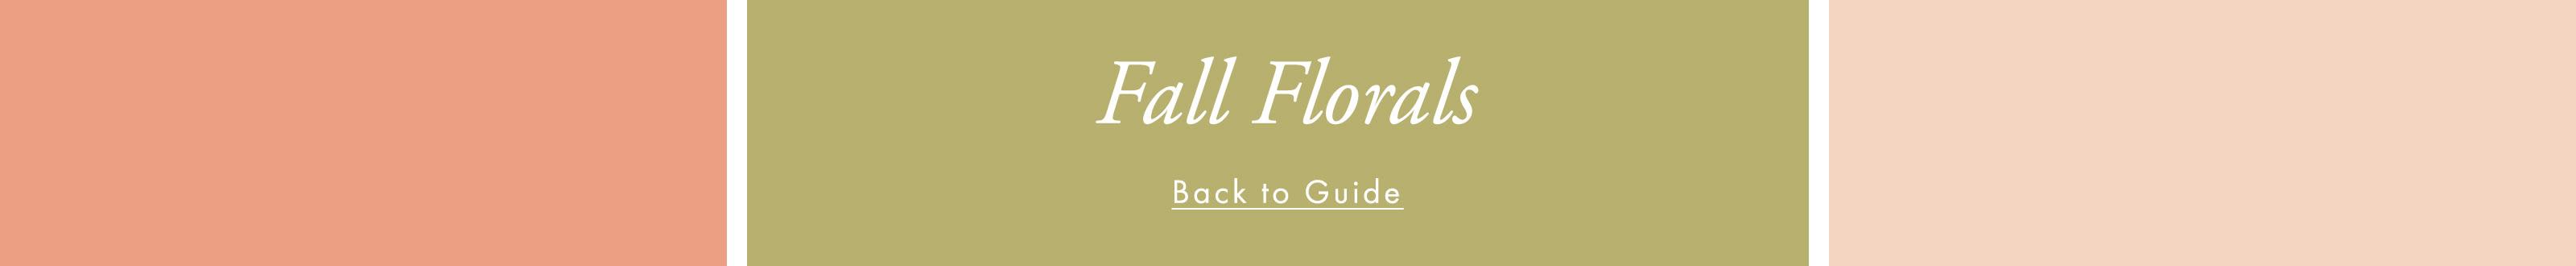 Shop fall florals